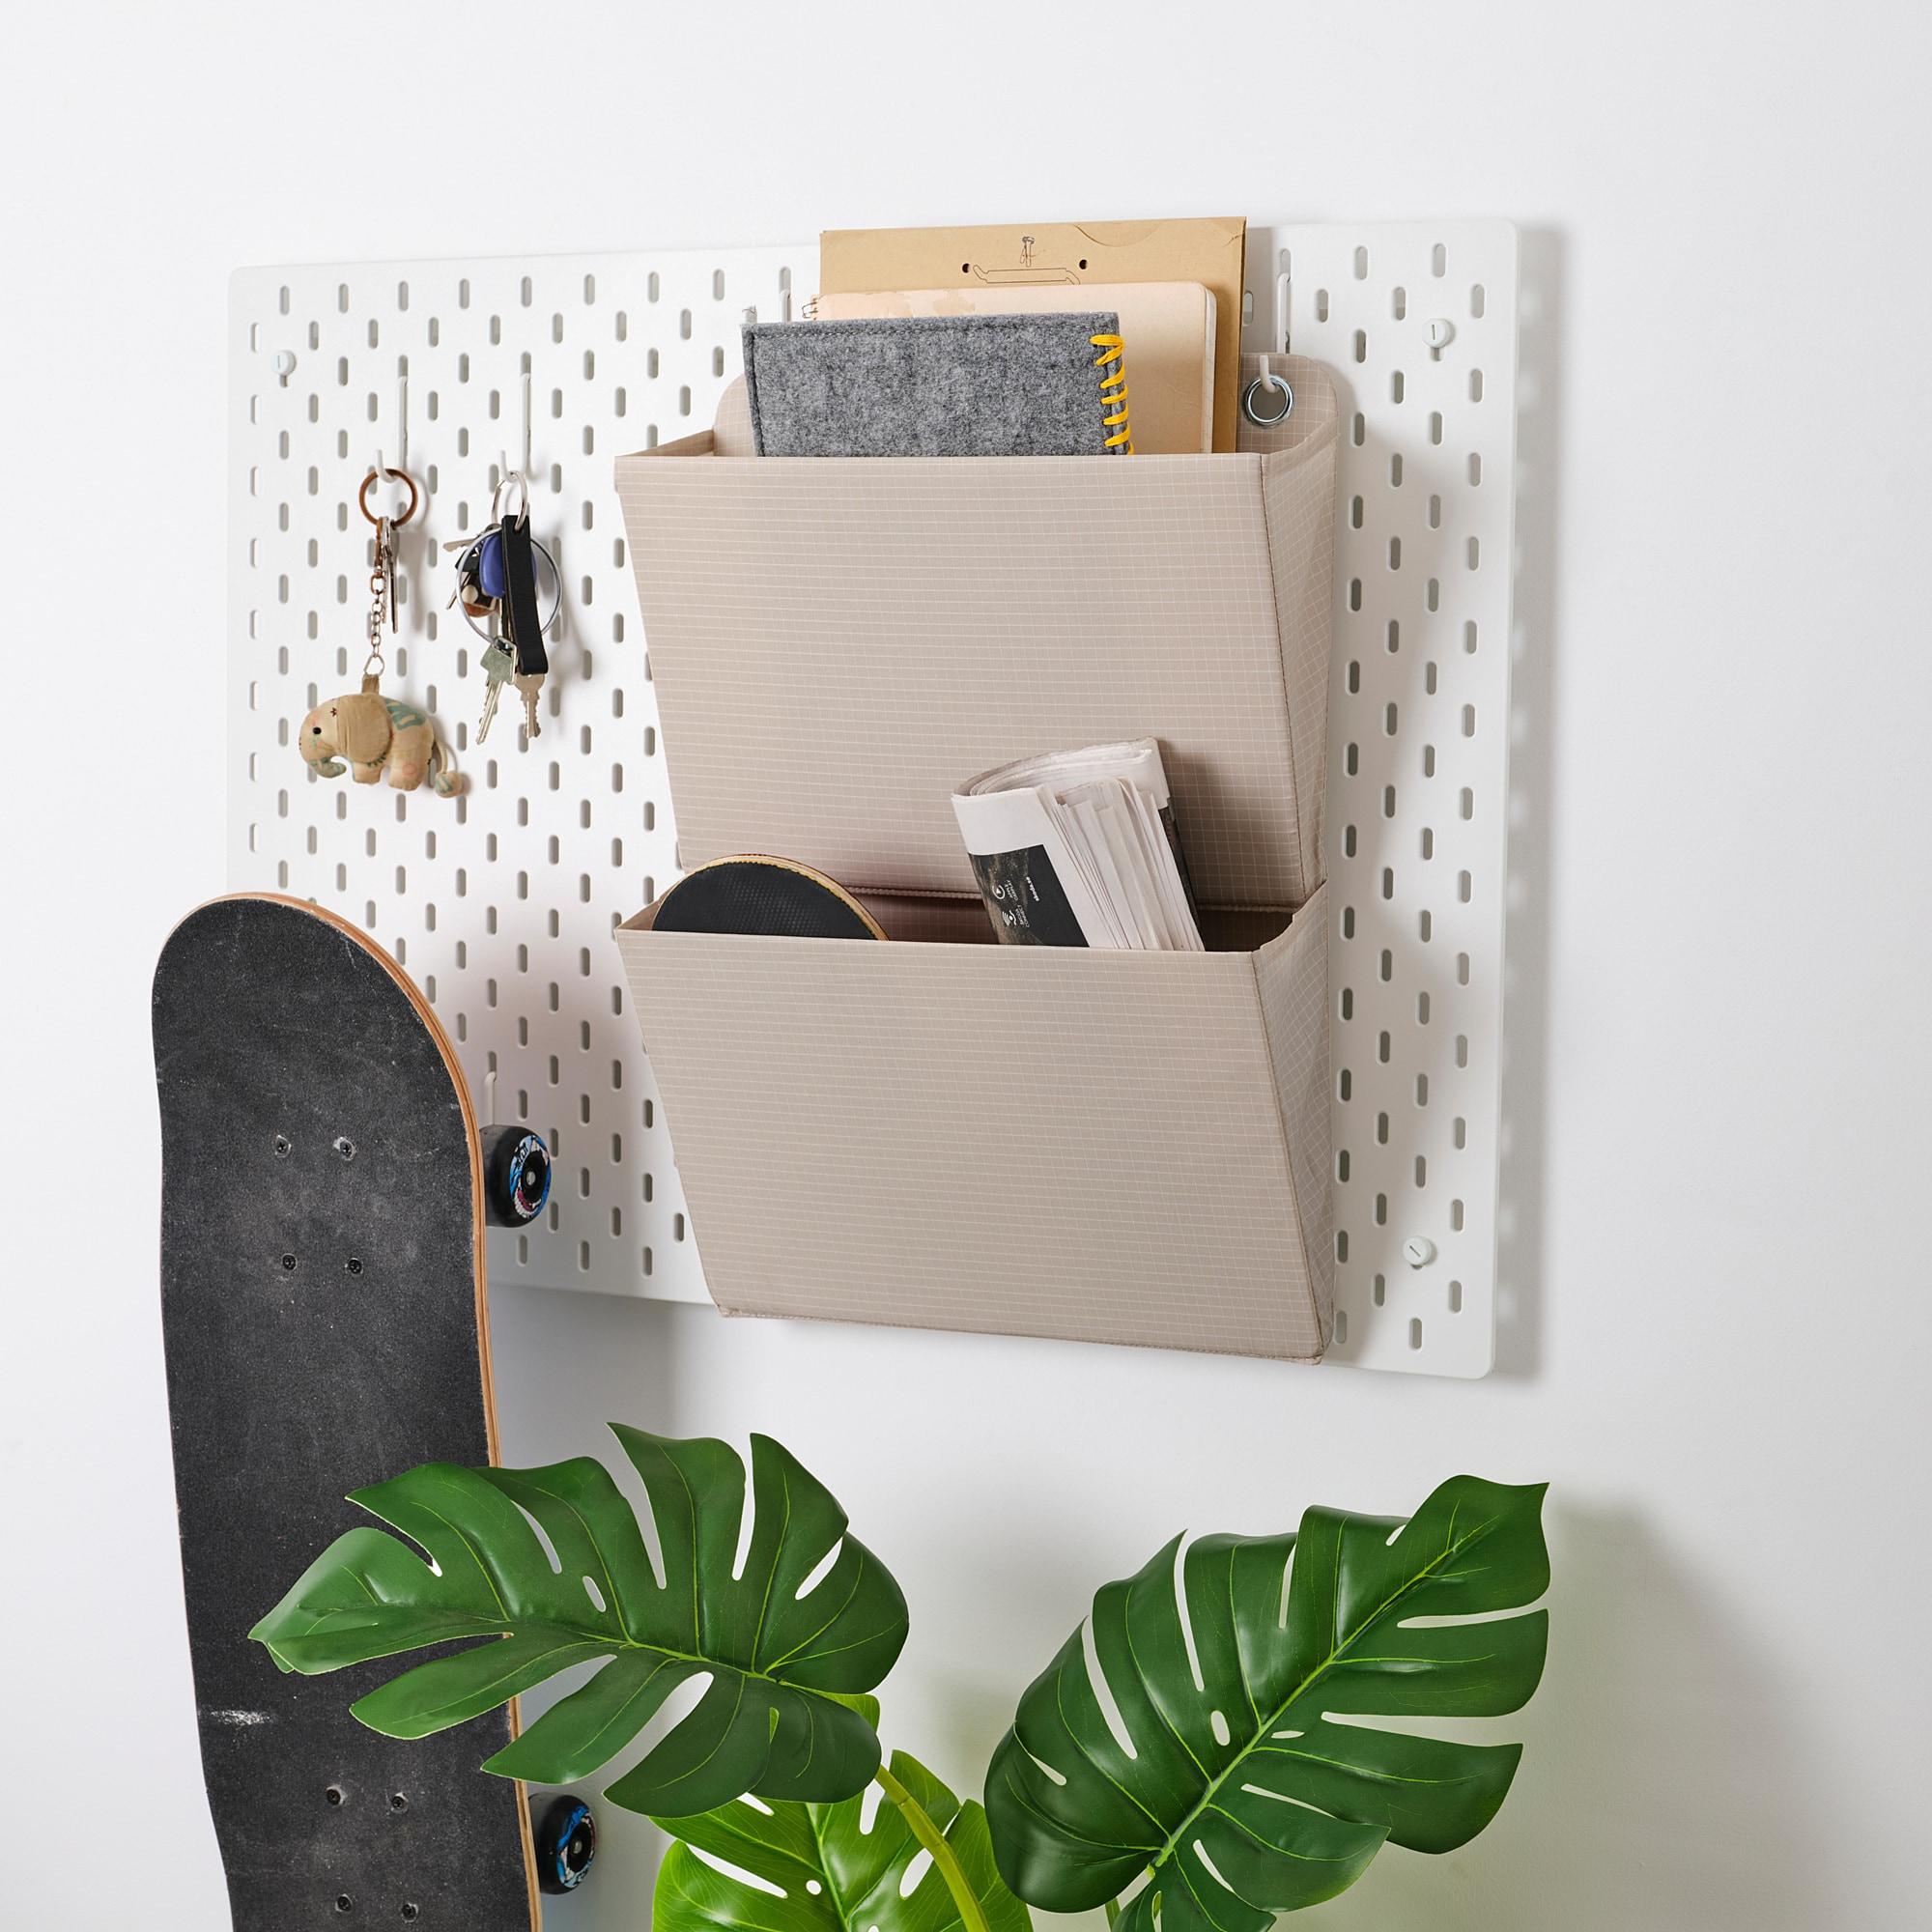 IKEA PLUGGHAST (プルッグヘスト) ハンギングフォルダー